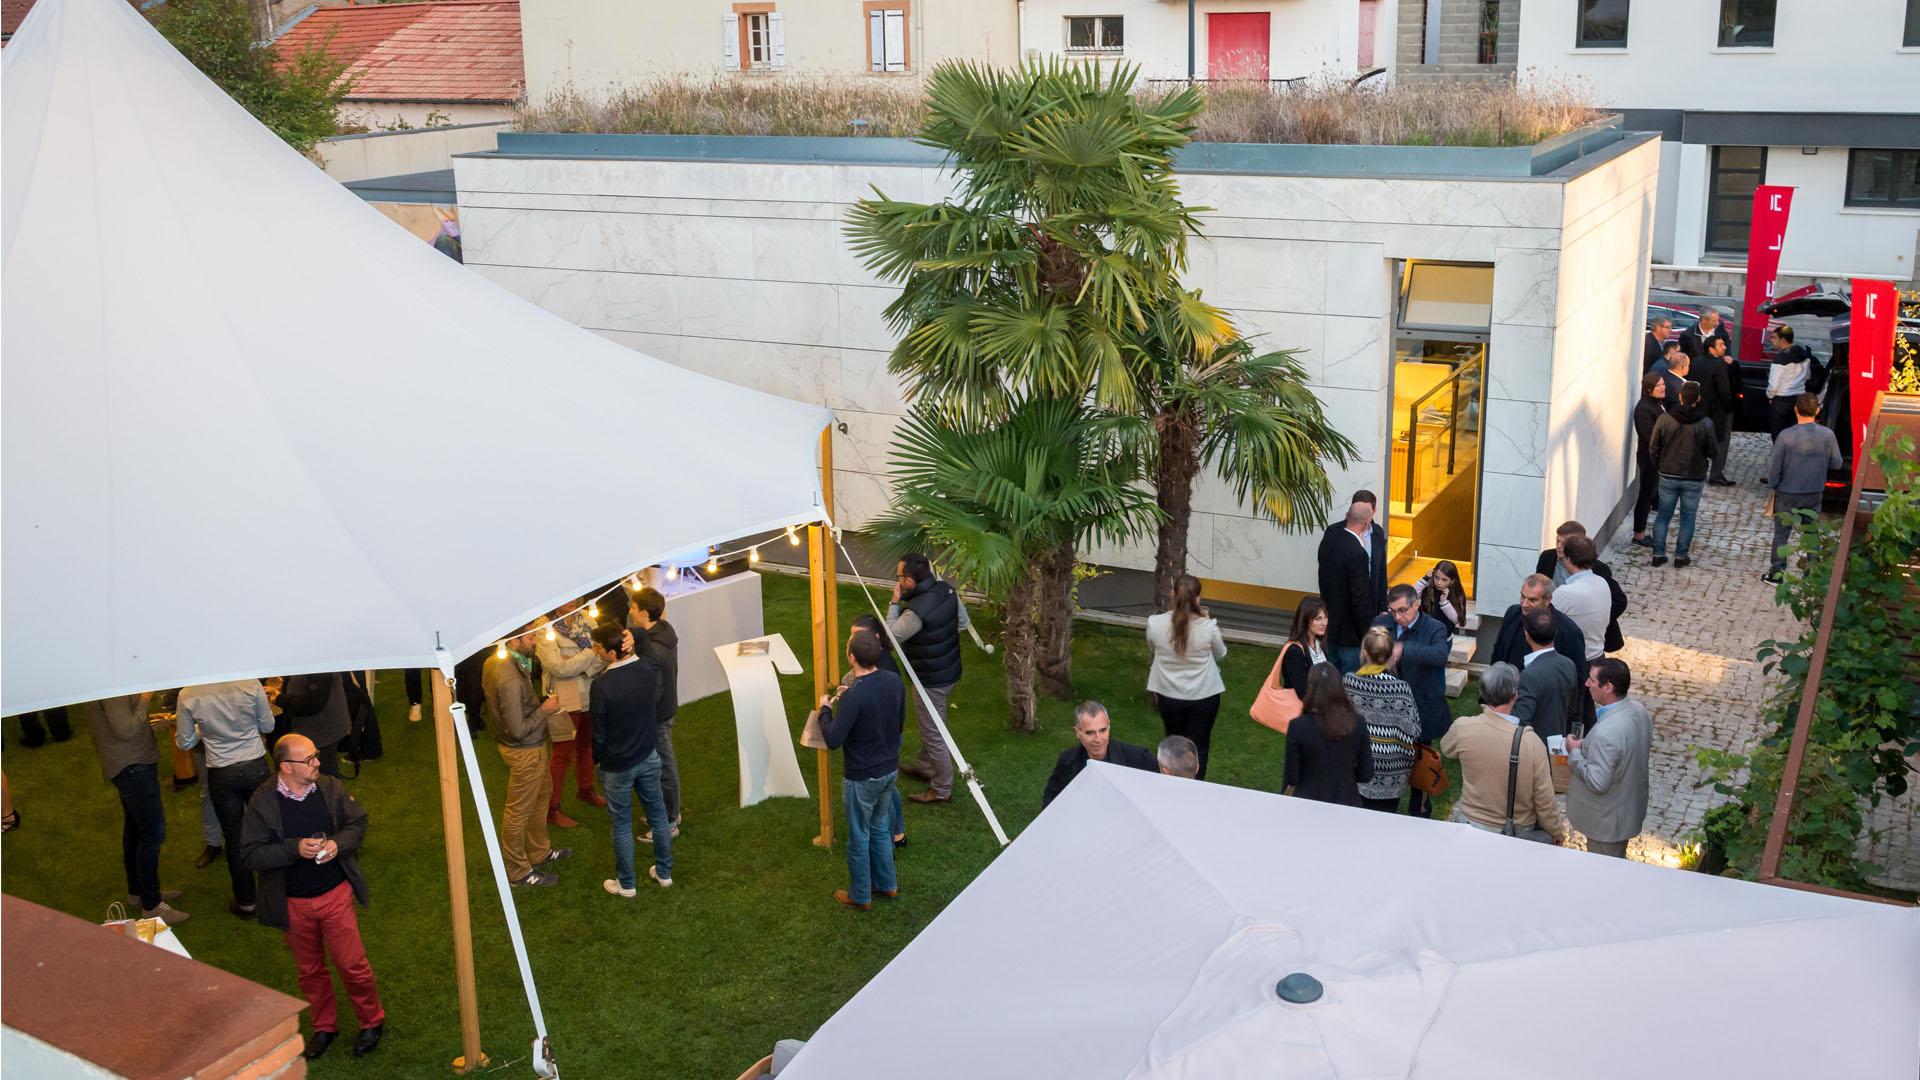 Seuil événement édition 2017 - Cleantech et architecture - Toulouse